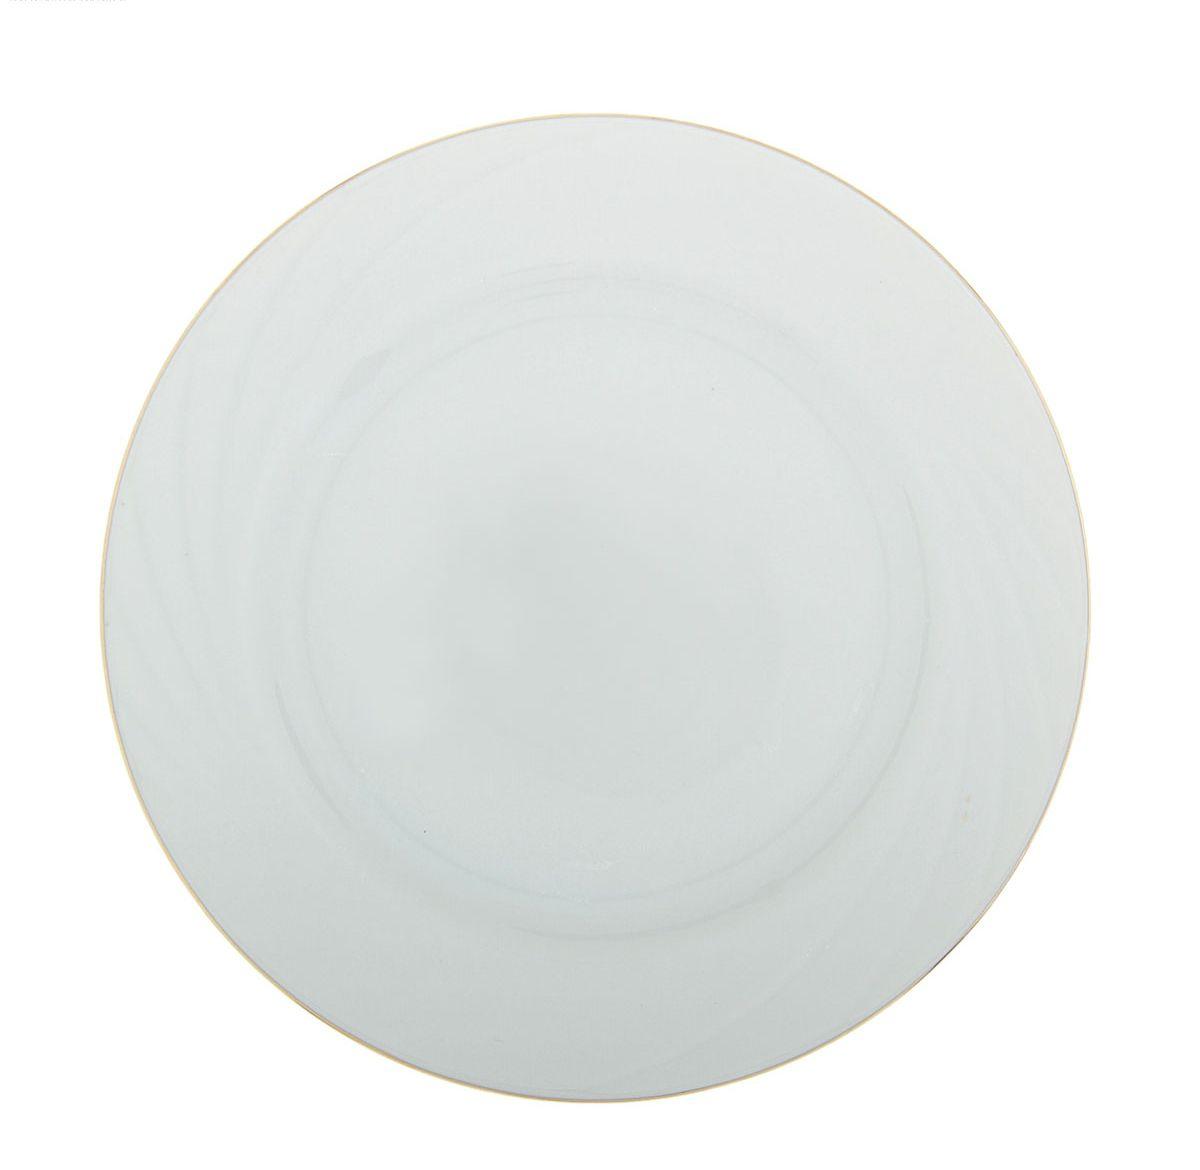 Тарелка мелкая Голубка, диаметр 17,5 см507896